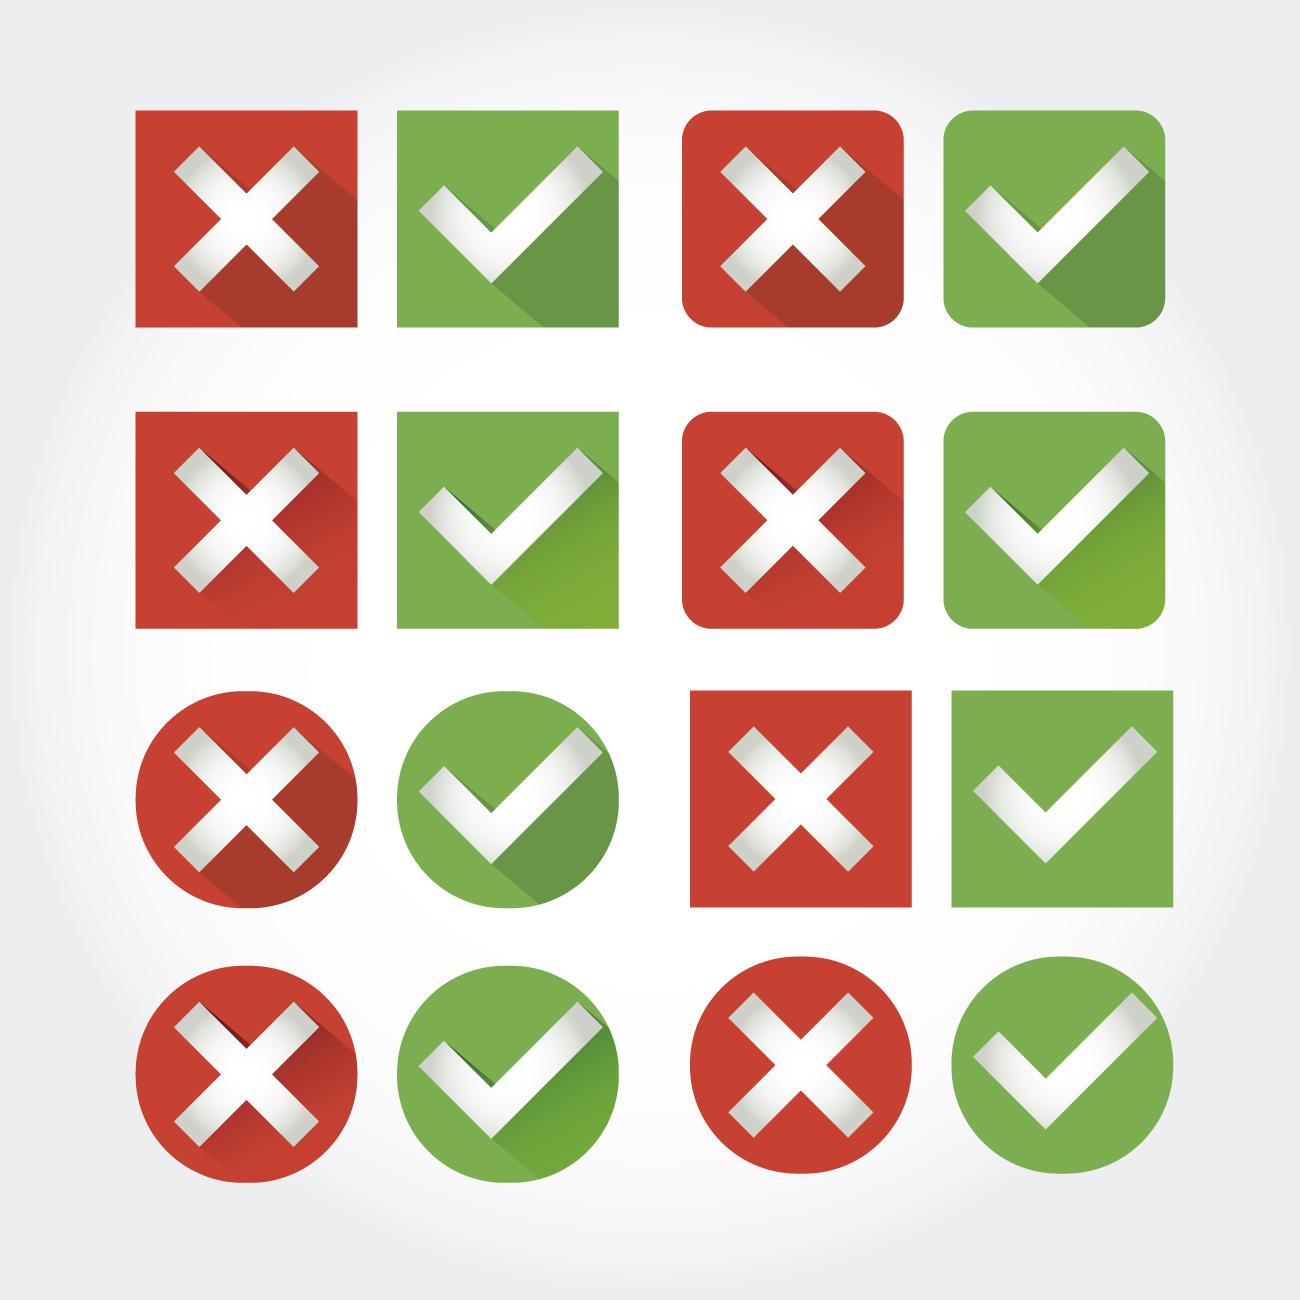 Про тимчасове зупинення перебігу строків  відповідей на запити щодо ТЦУ- документації